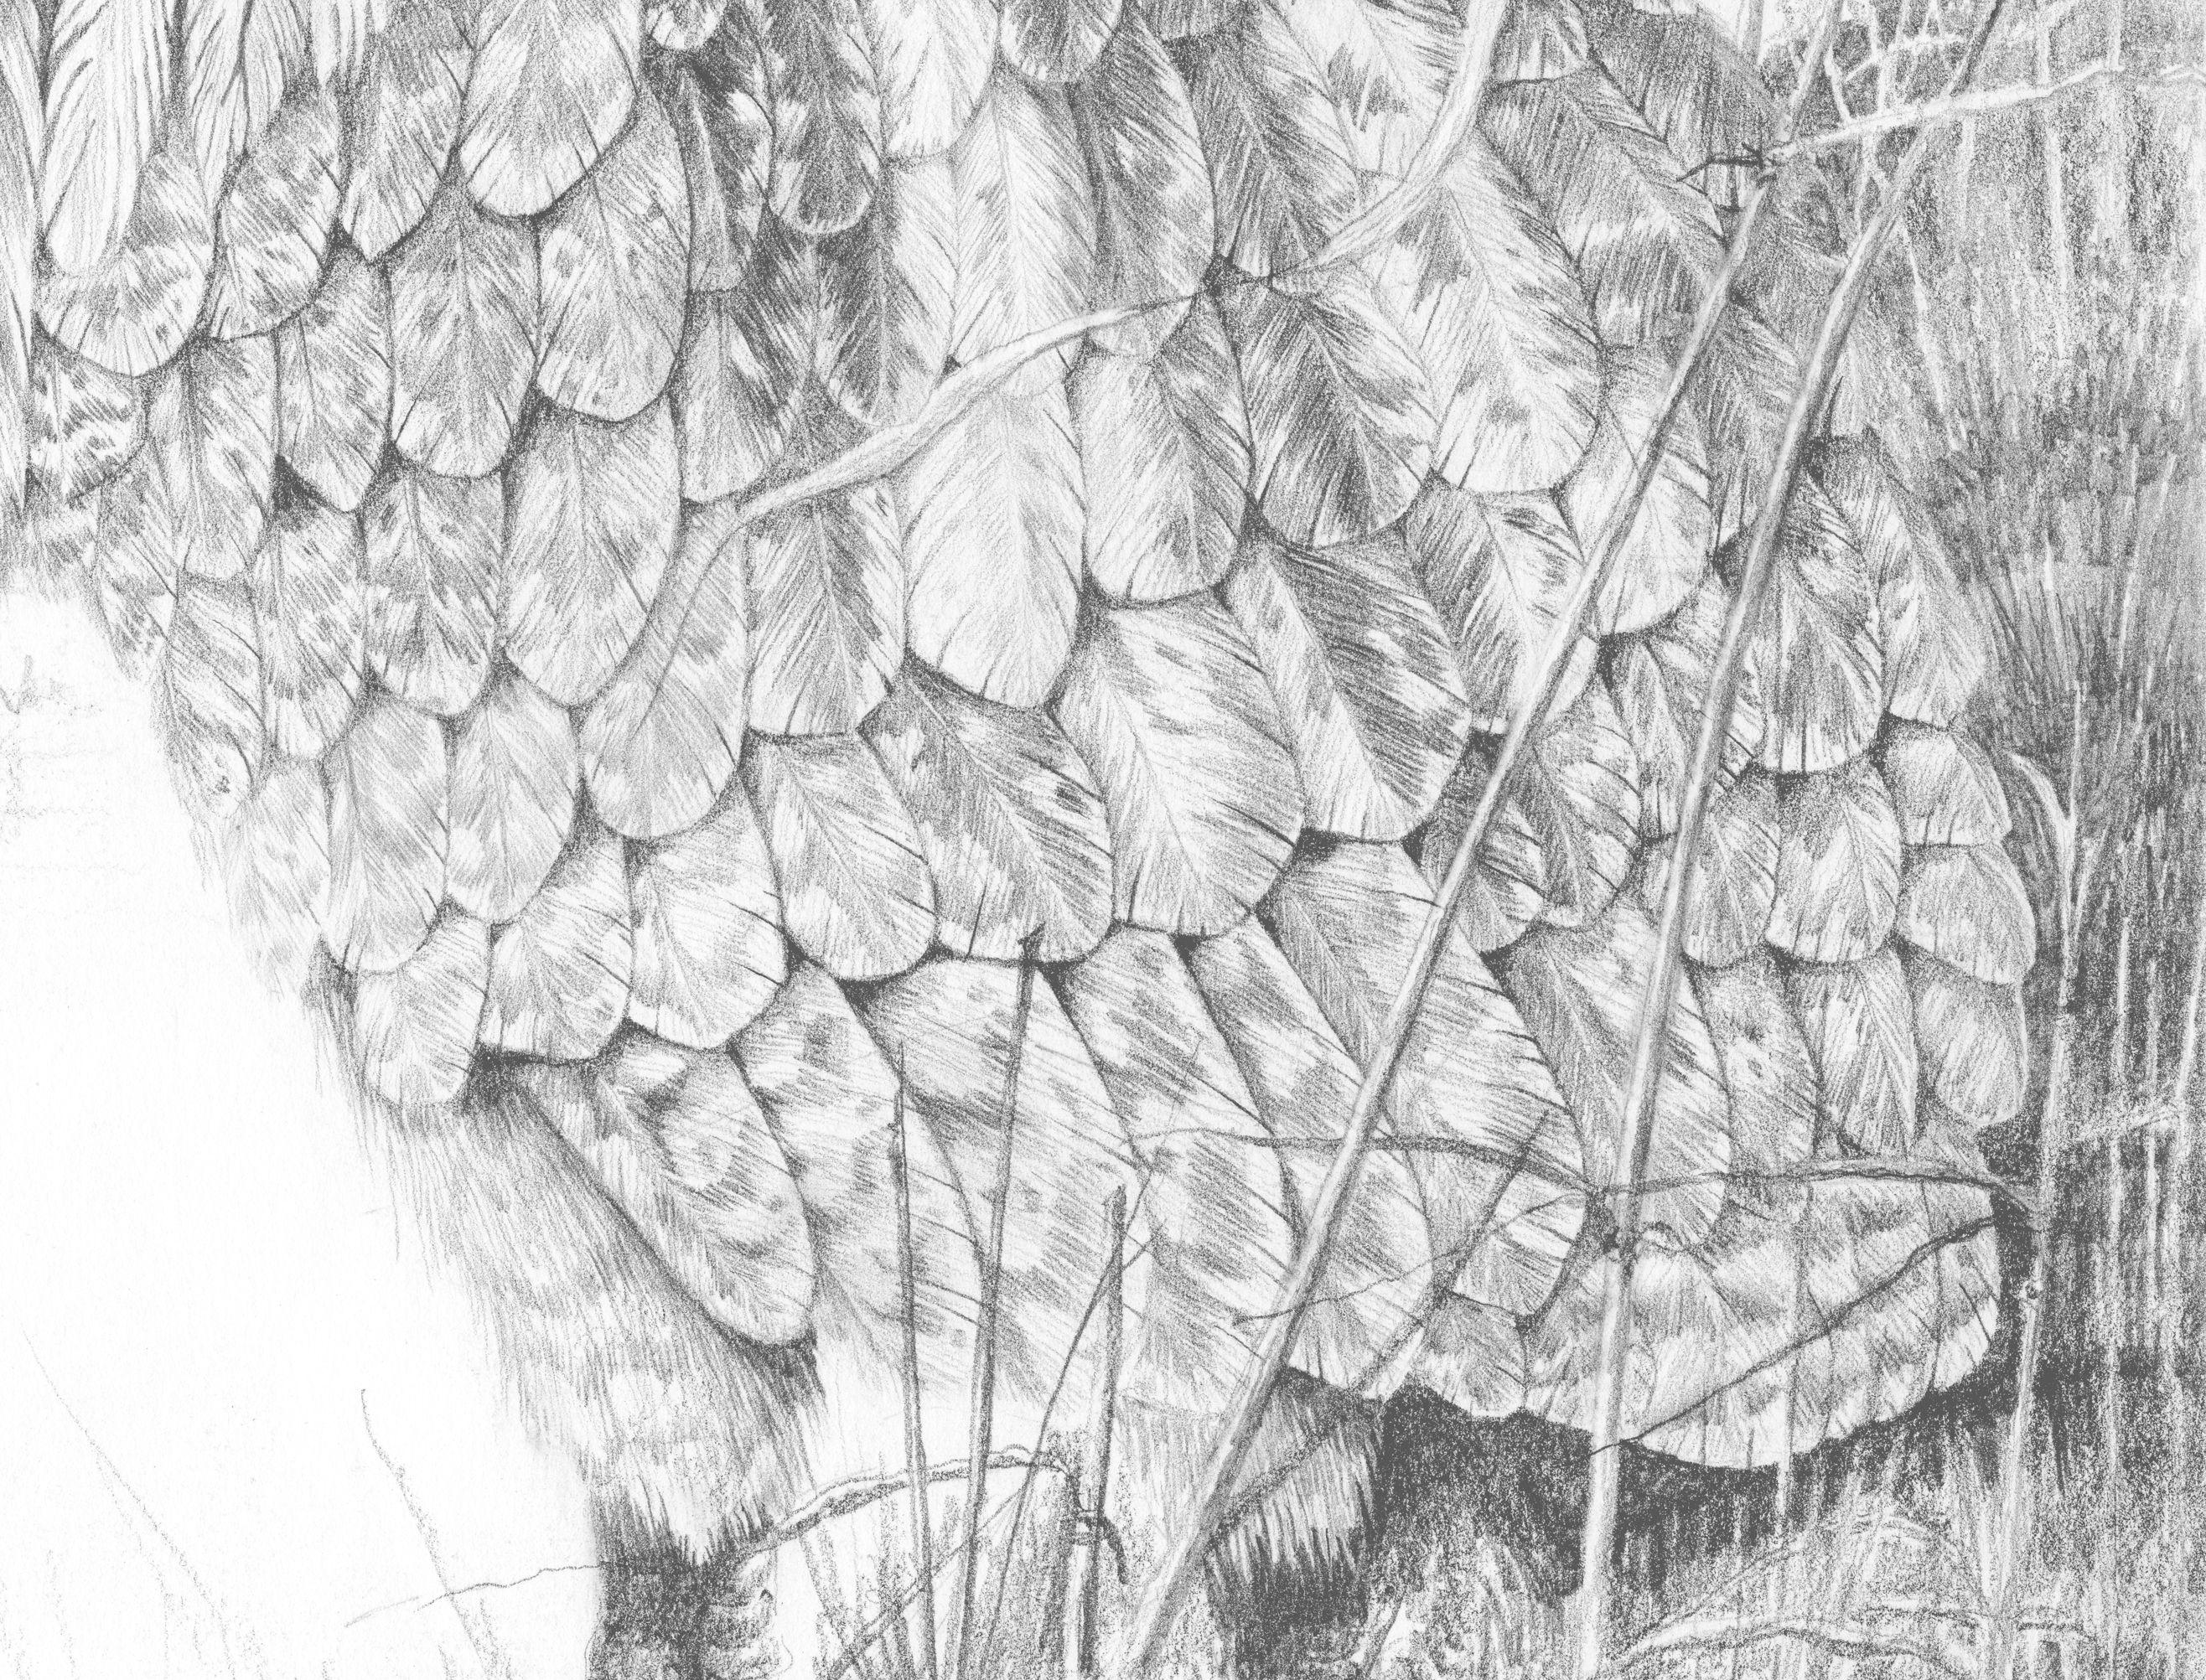 Detail taken from bird artist Mark Dean's Bittern picture. #birdart #birdartist #markdean #bittern #feather #pencildrawing #detail